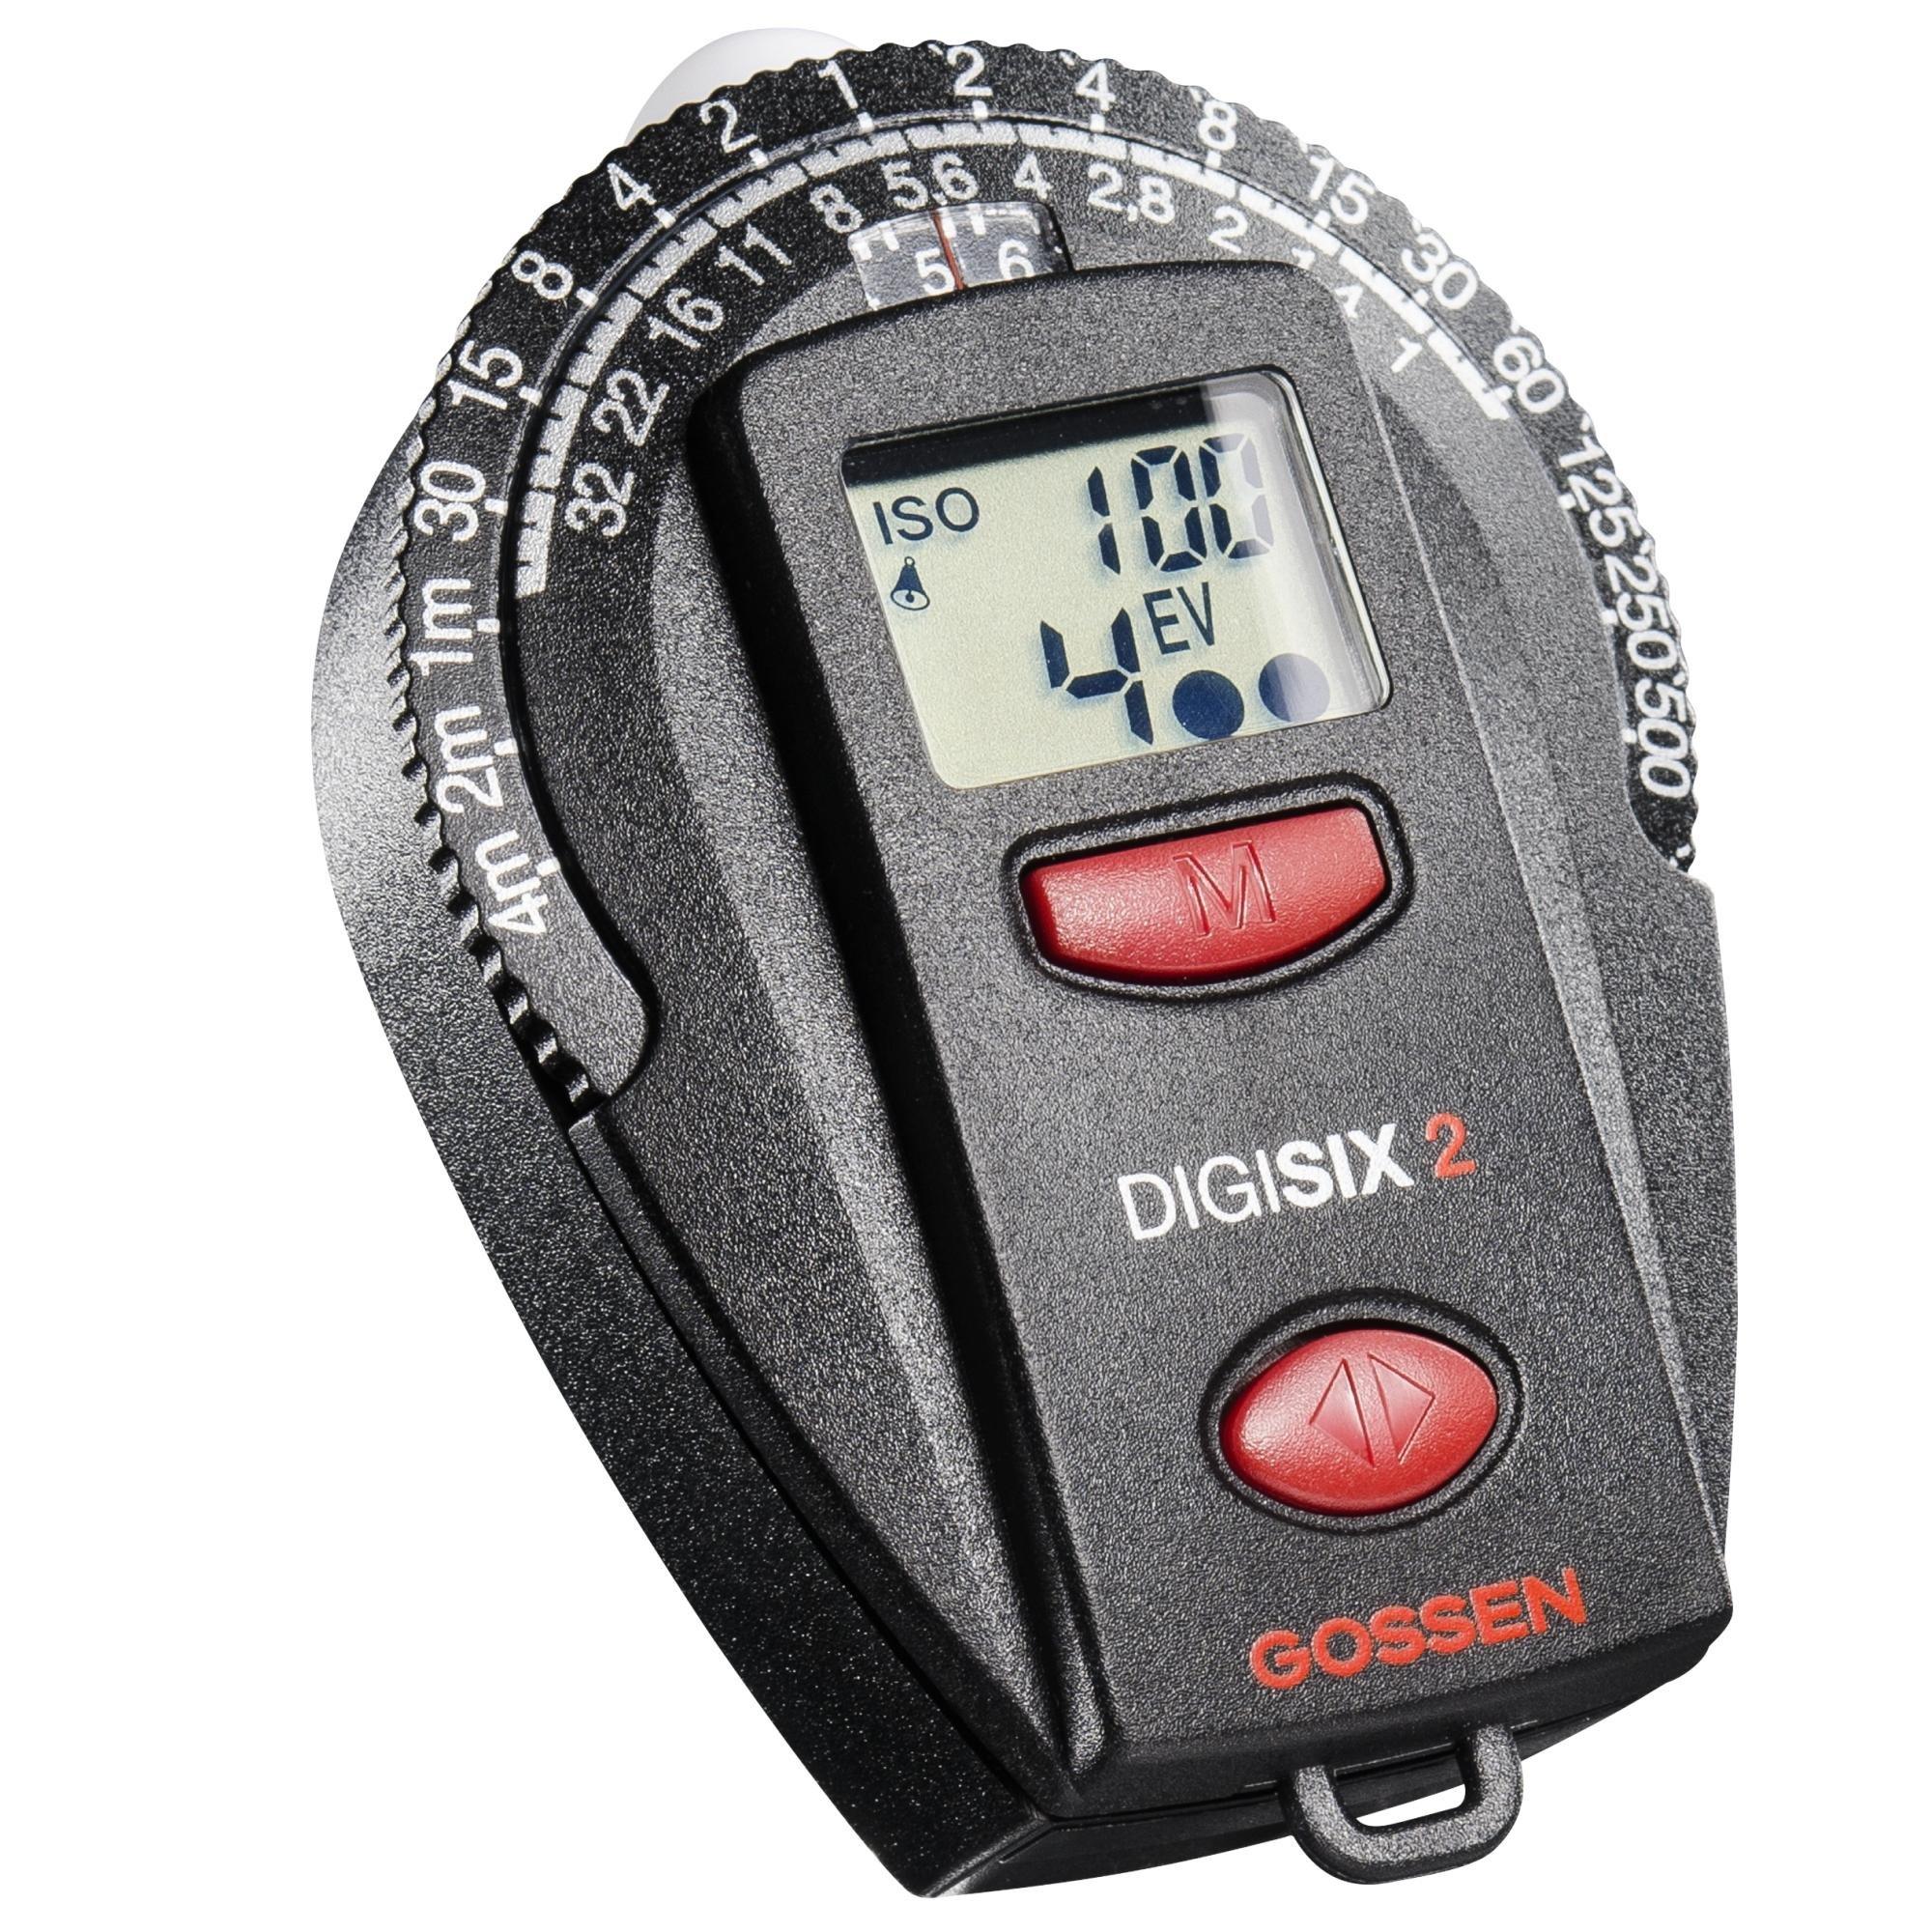 Gossen Digisix 2 Exposure Meter (GO 4006-2 / H262A) by Gossen